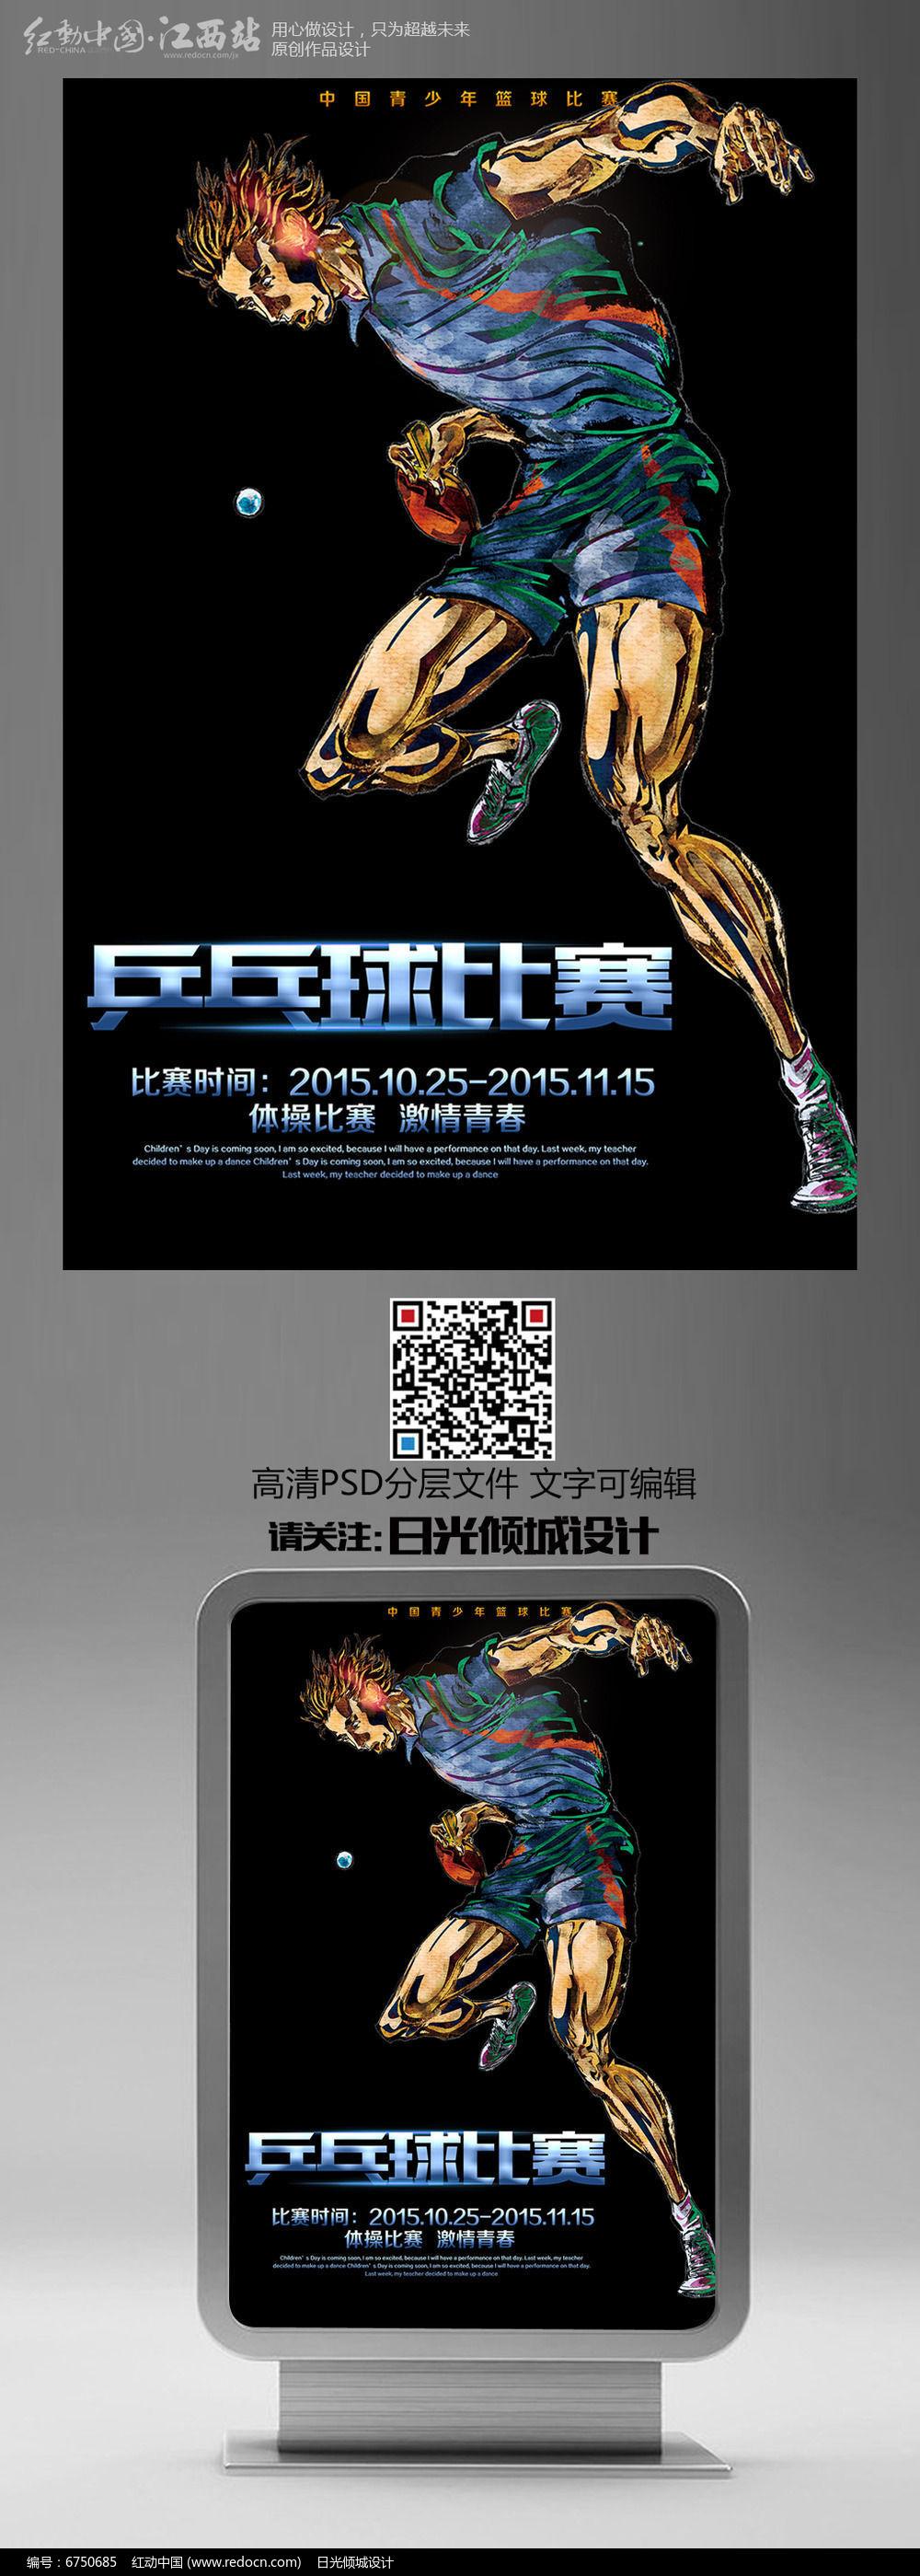 乒乓球比赛宣传海报图片